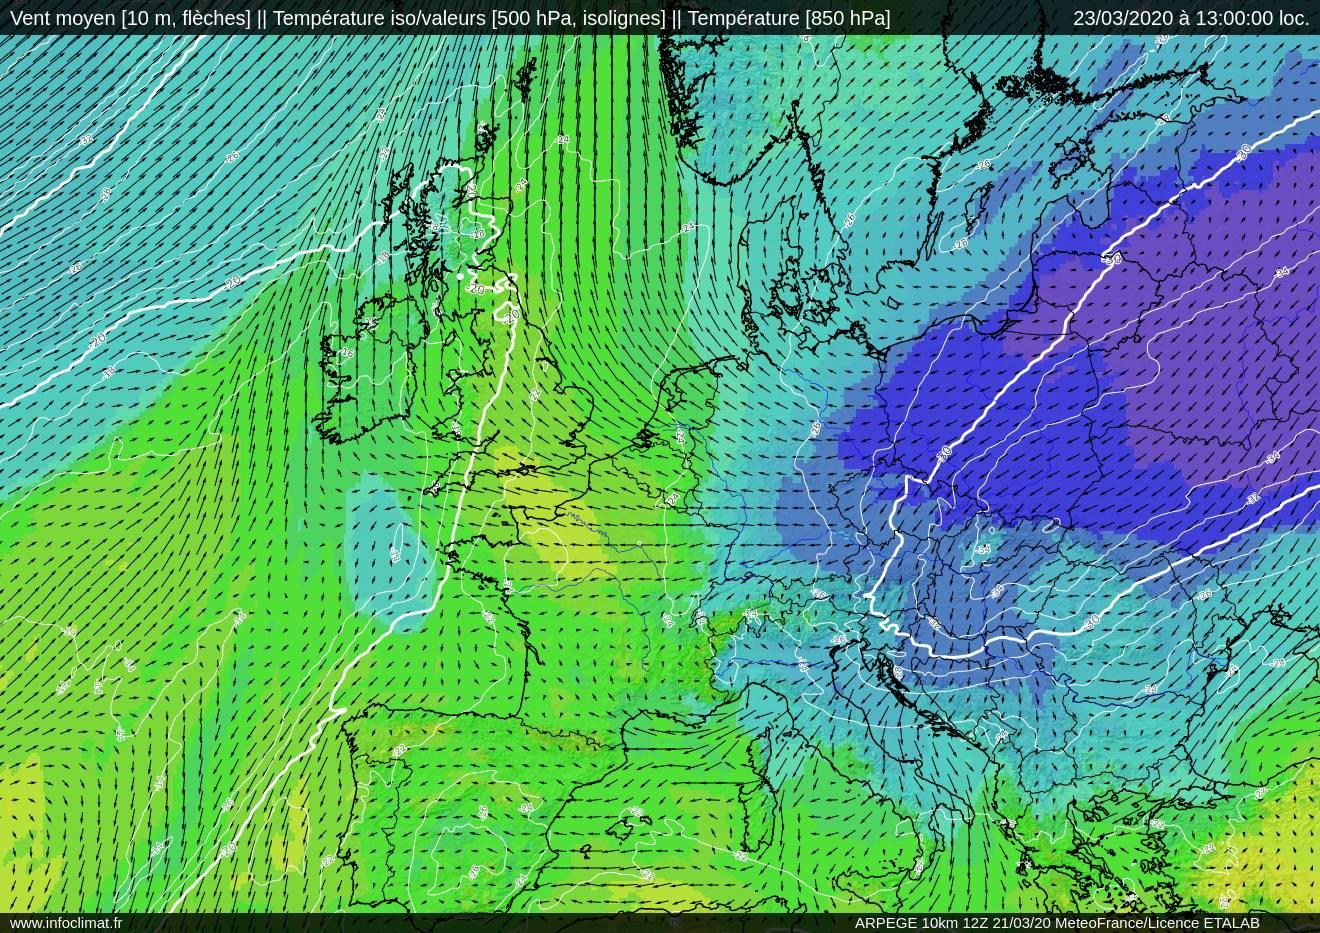 ARPEGE T850 et T500 UV10m 23 mars 12h